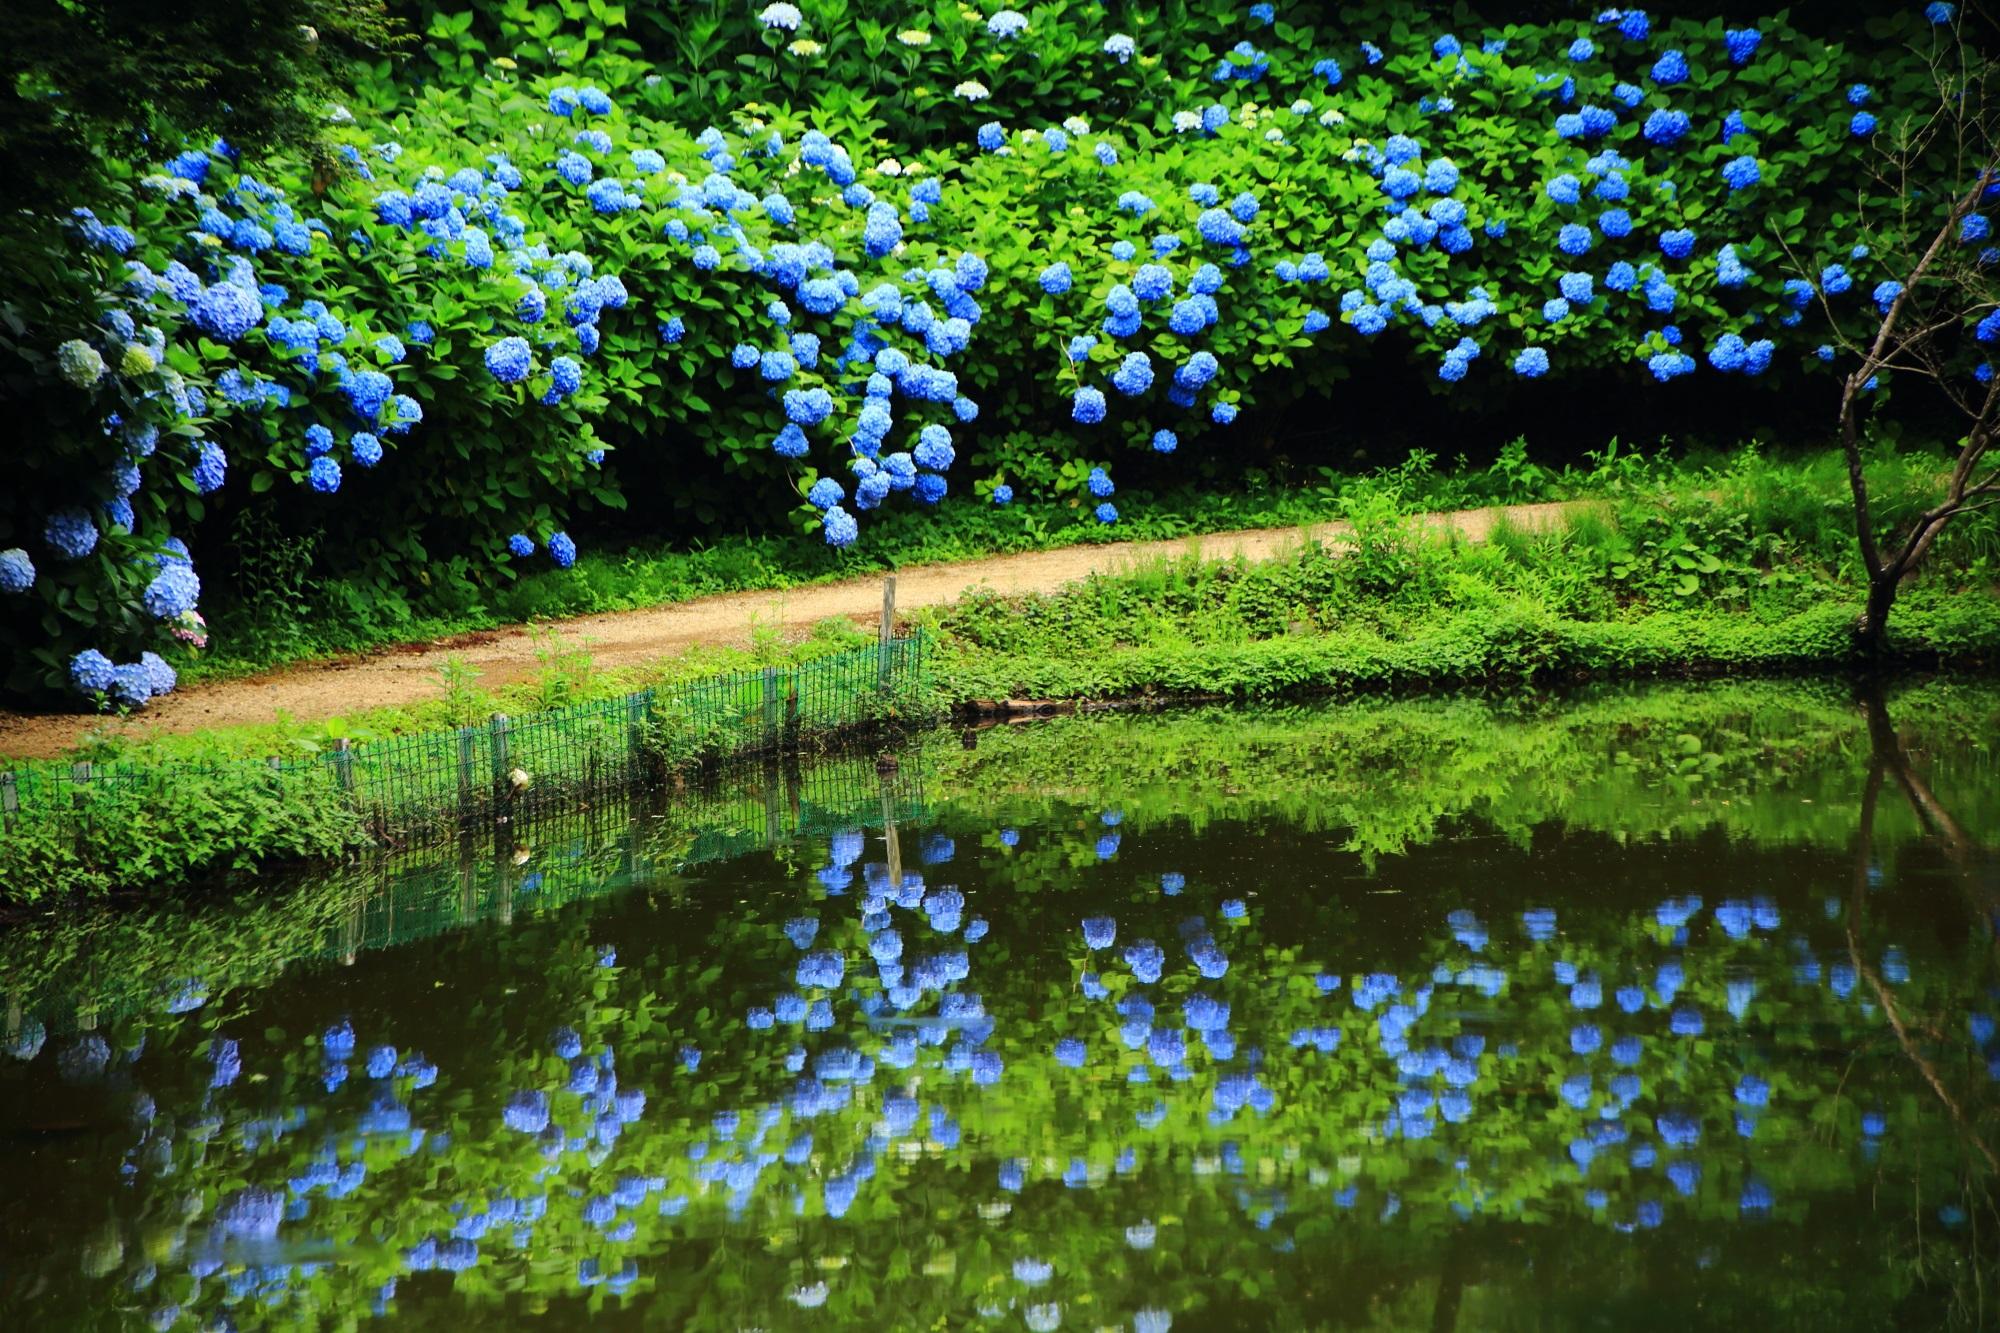 舞鶴自然文化園の鮮やかなブルーの紫陽花と綺麗な紫陽花の水鏡